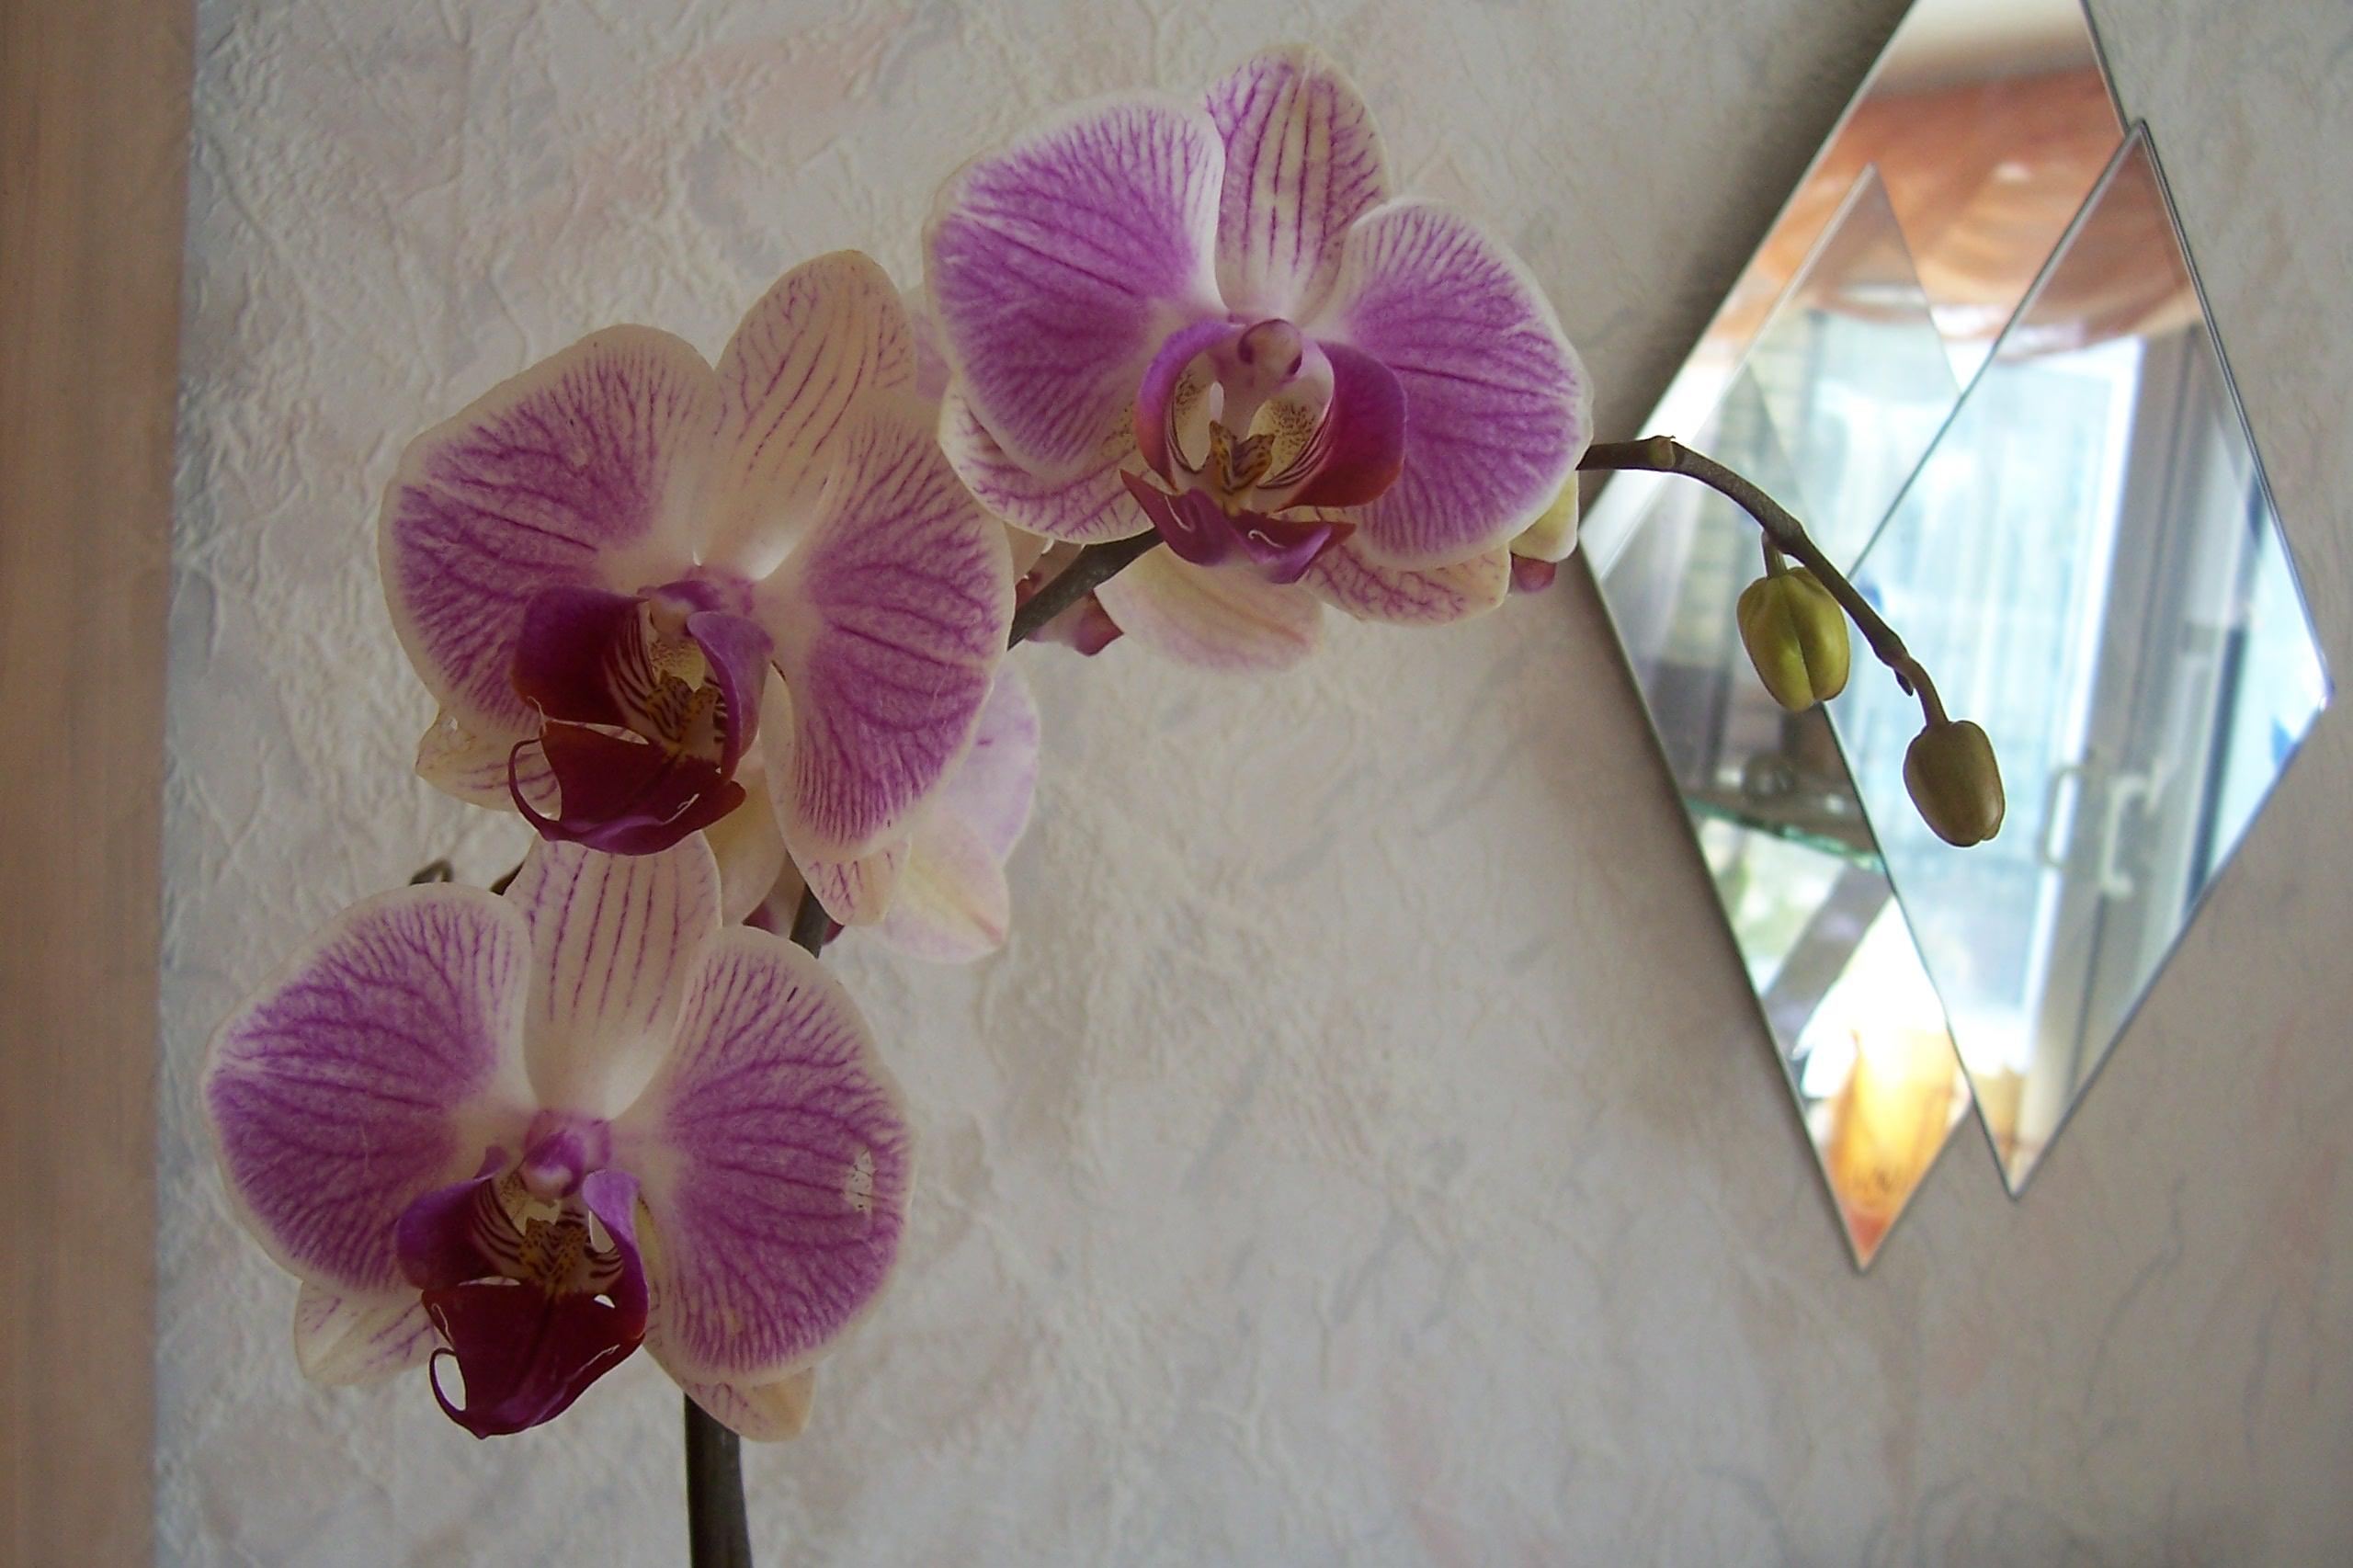 pro_seramisd_christa-60_ja_2010-02-17-17_07_21_orchideen-002